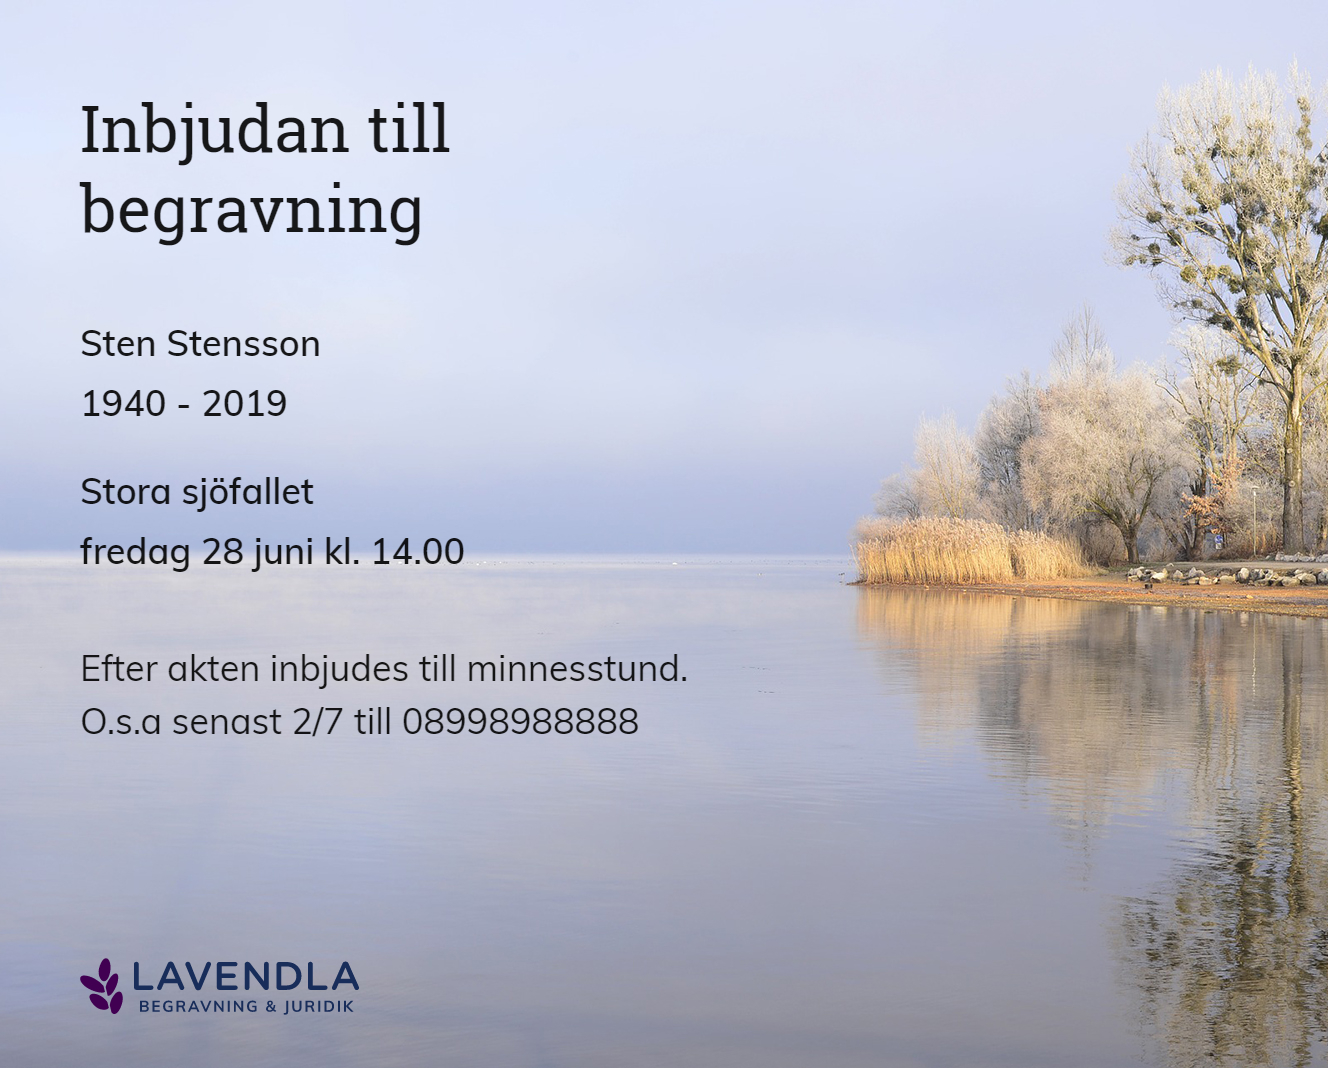 Inbjudningskort till ceremonin för Sten Stensson